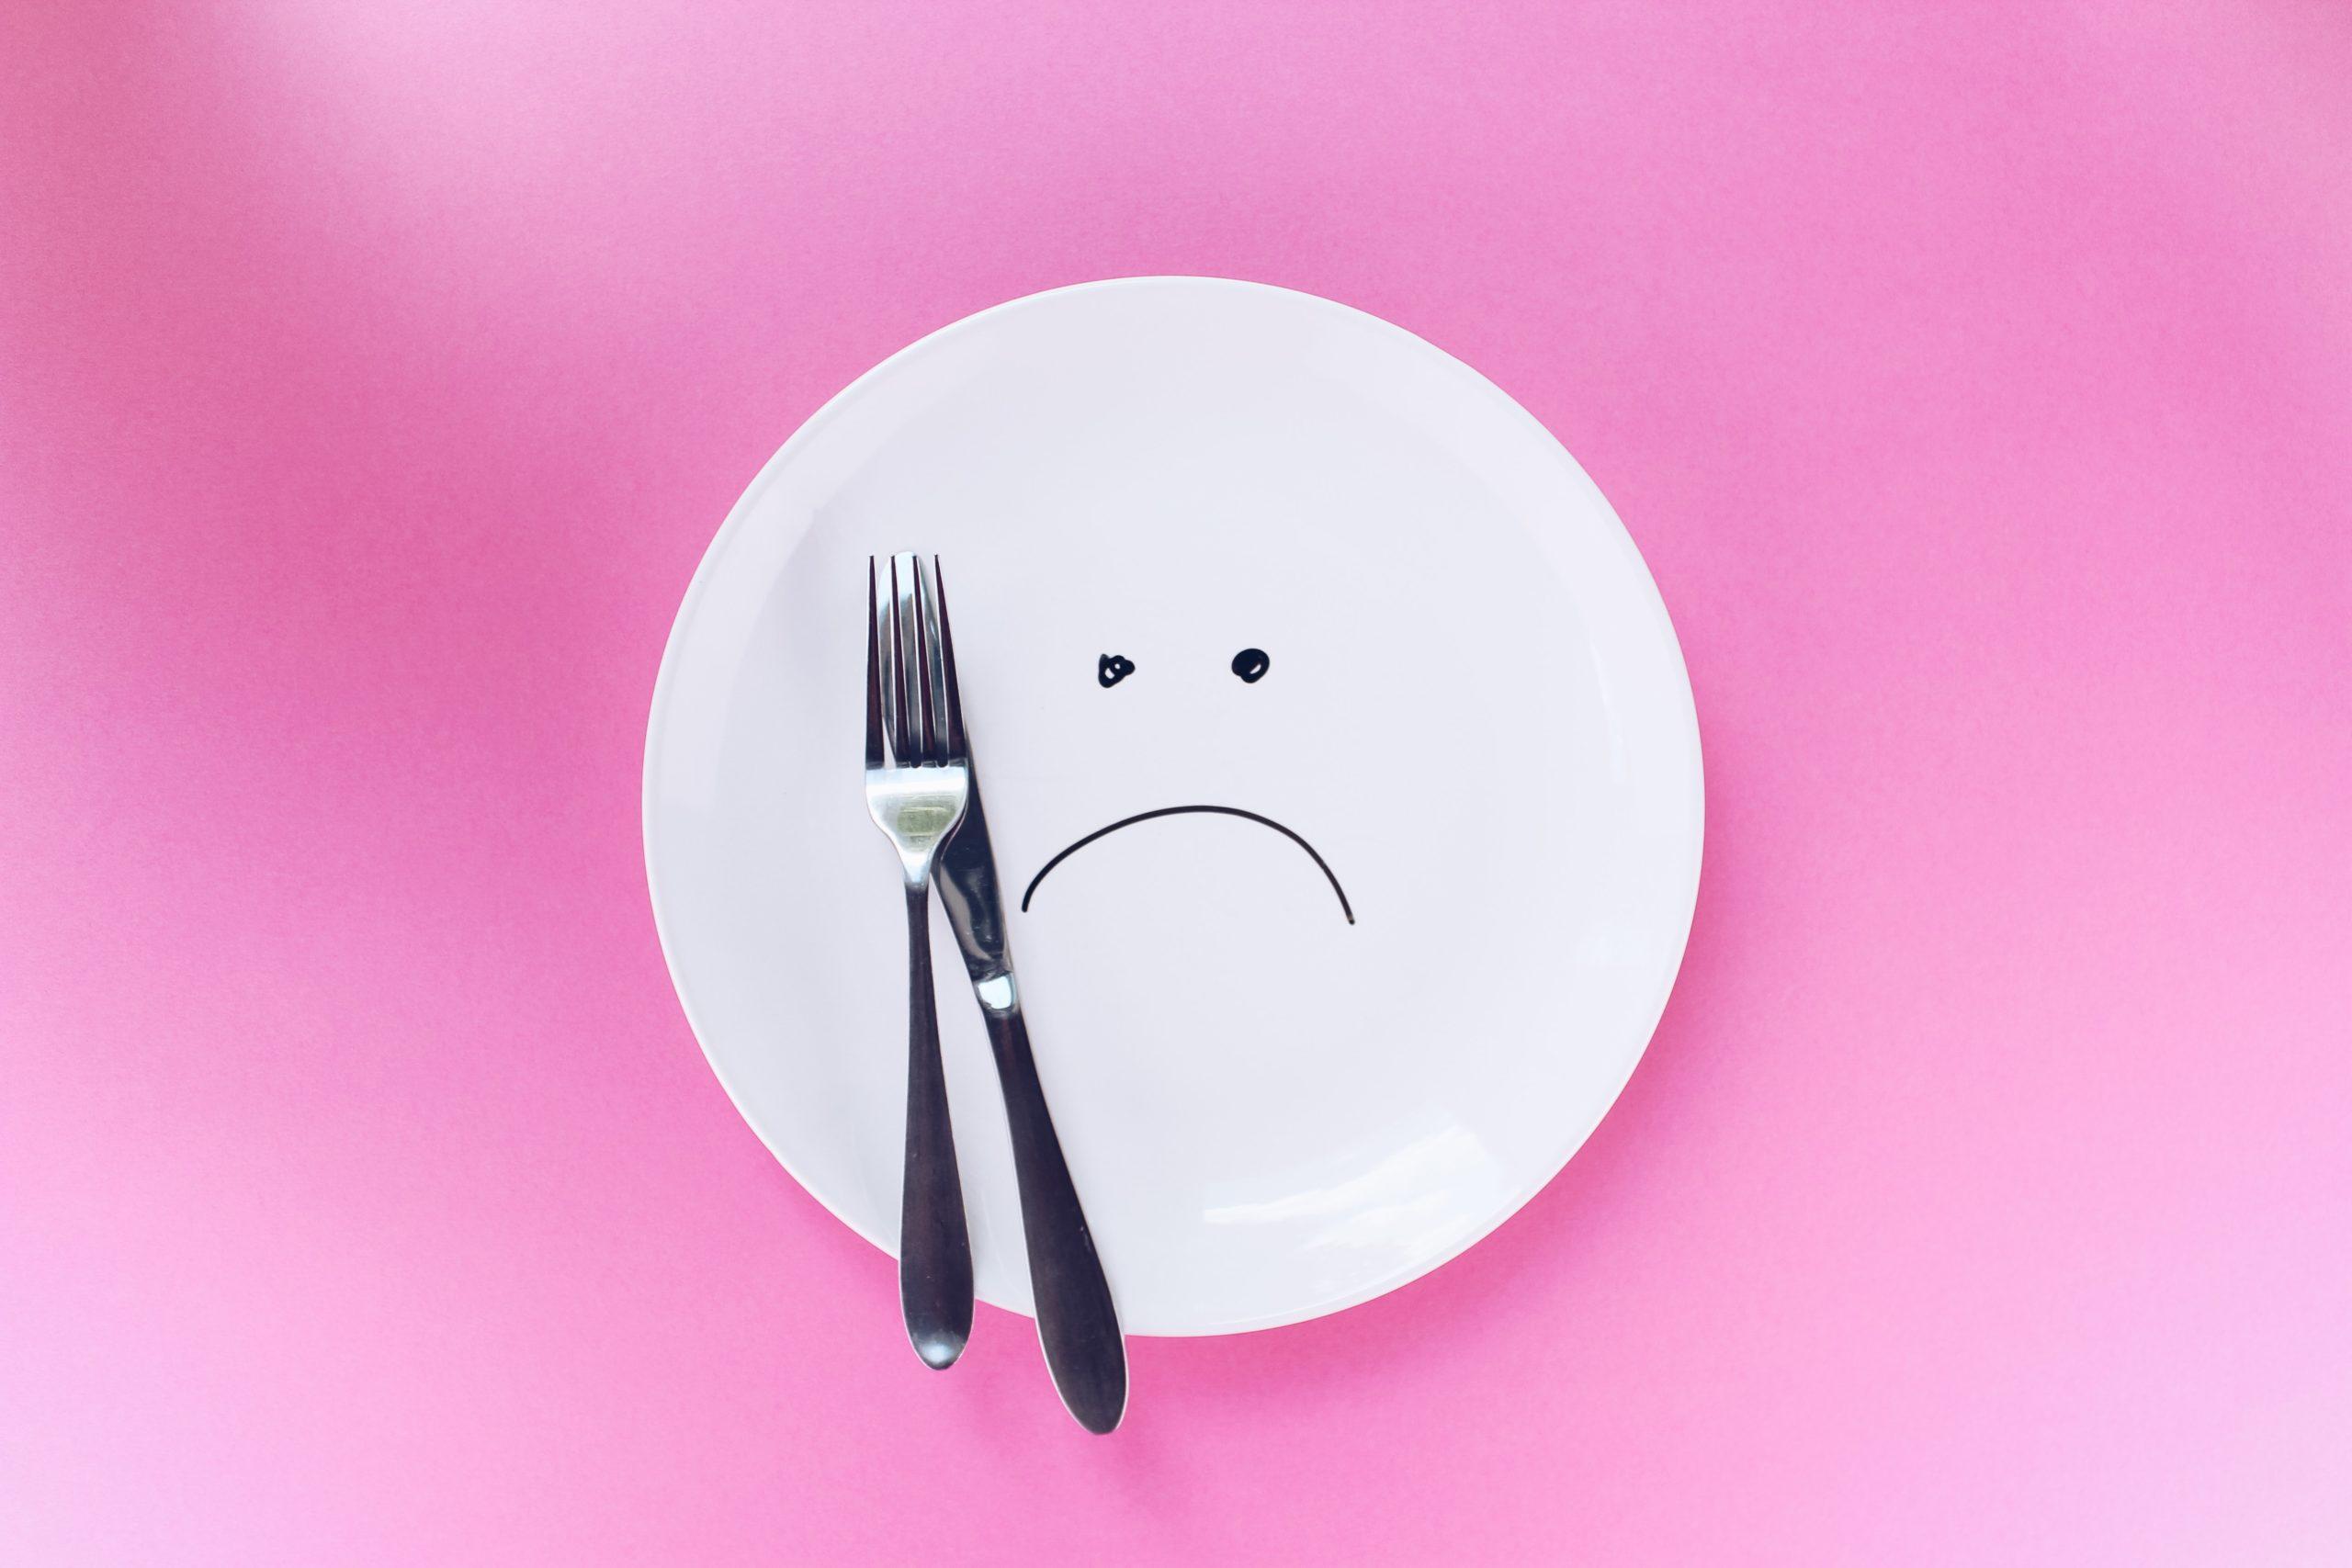 Disturbi alimentari: che ruolo ha la famiglia?